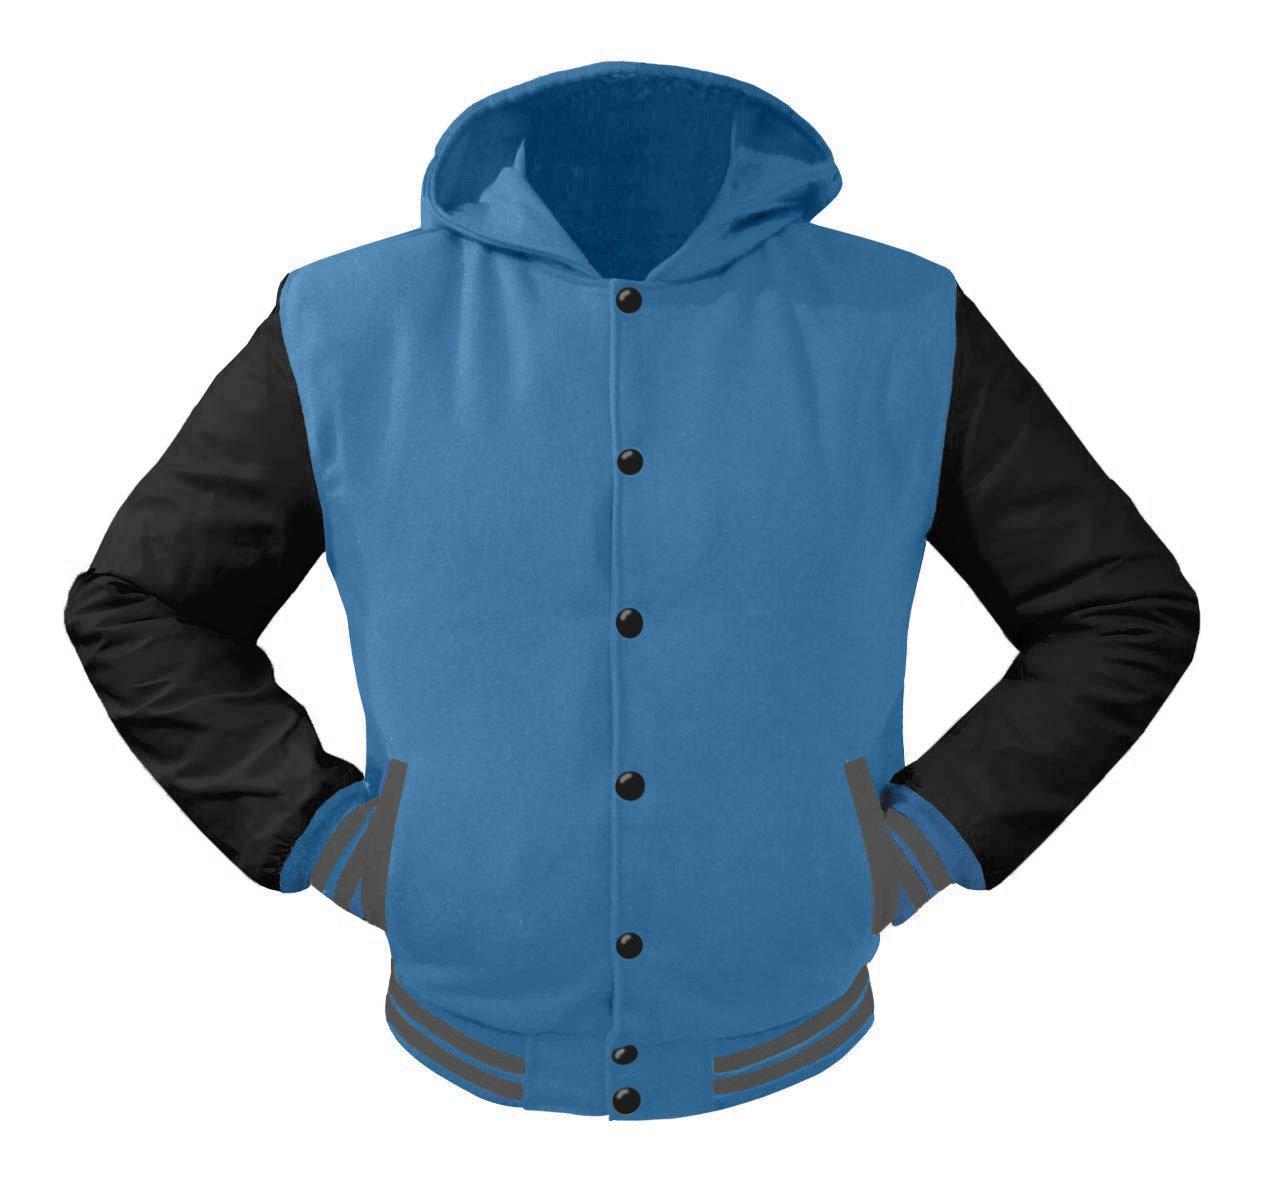 luvsecretlingerie Superb Leather Sleeve Original American Varsity Letterman College Baseball Kid Wool Hoodie Jackets #B-G-B by luvsecretlingerie